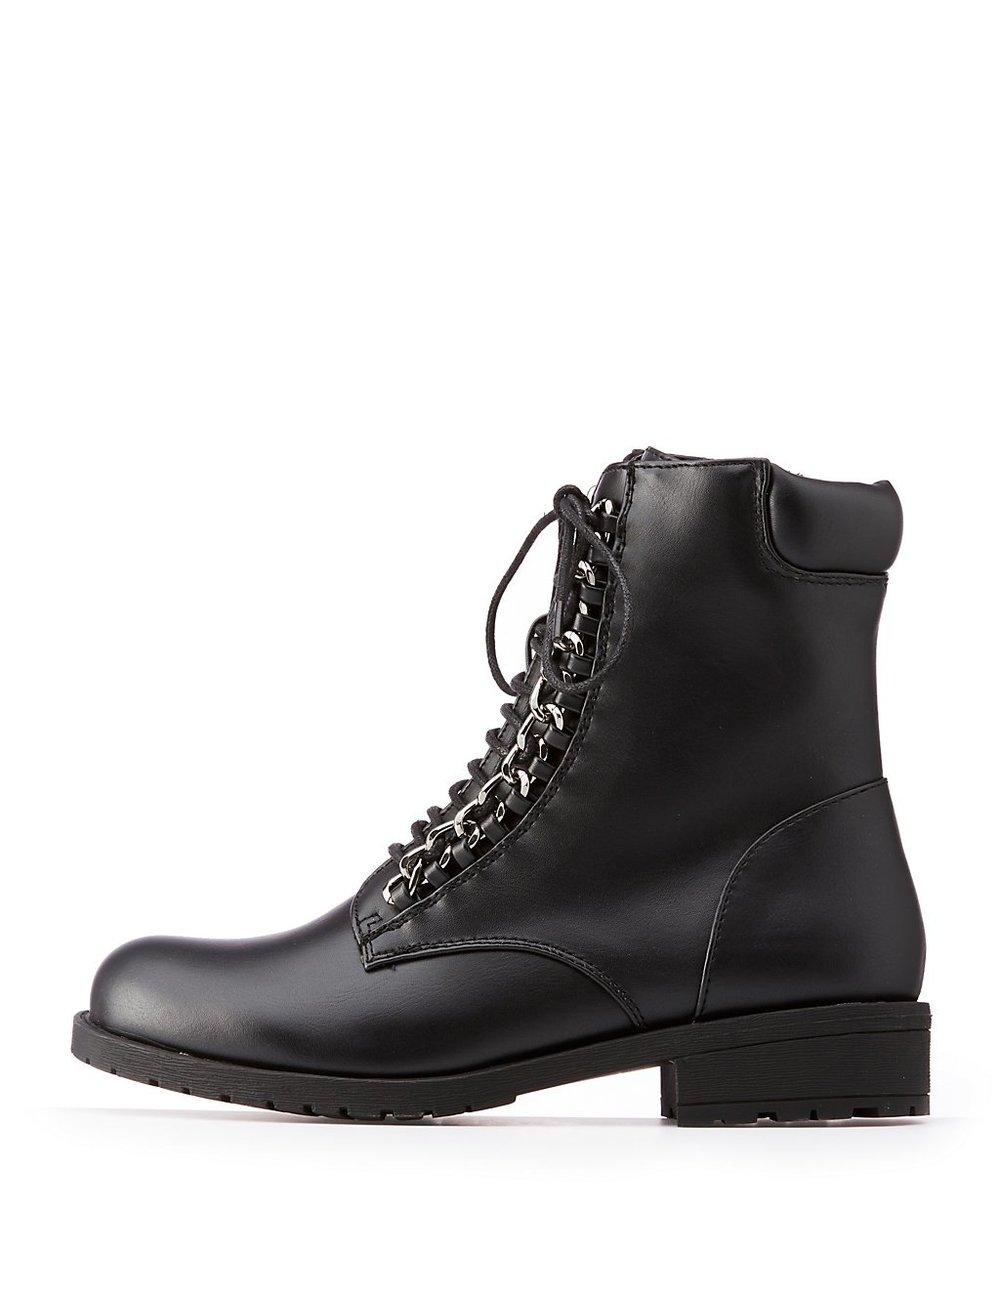 Combat Boots $25